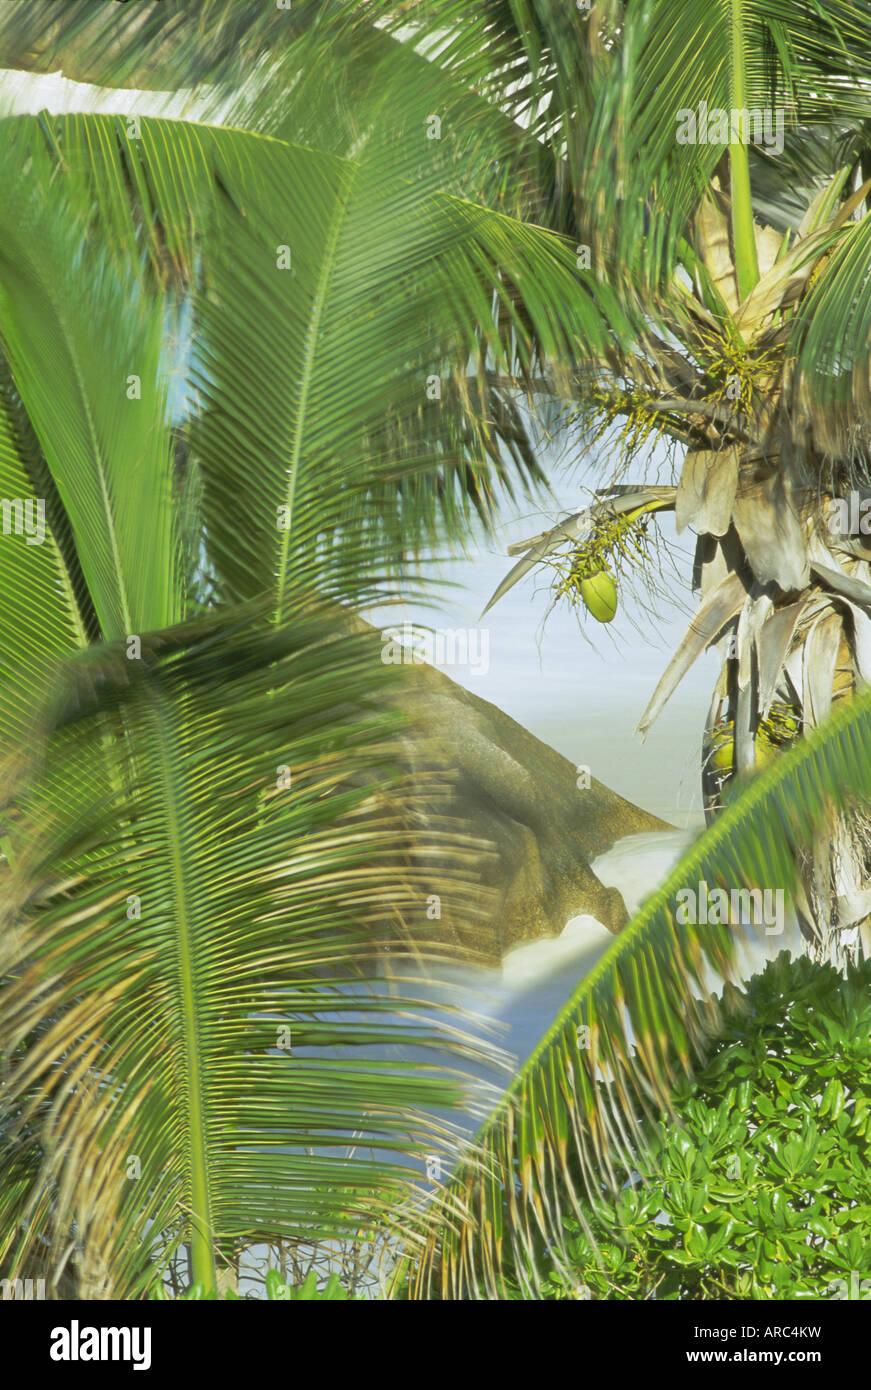 Palmen, Kokosnüsse und Rock, Anse Patates, La Digue Island, Seychellen, Indischer Ozean, Afrika Stockbild